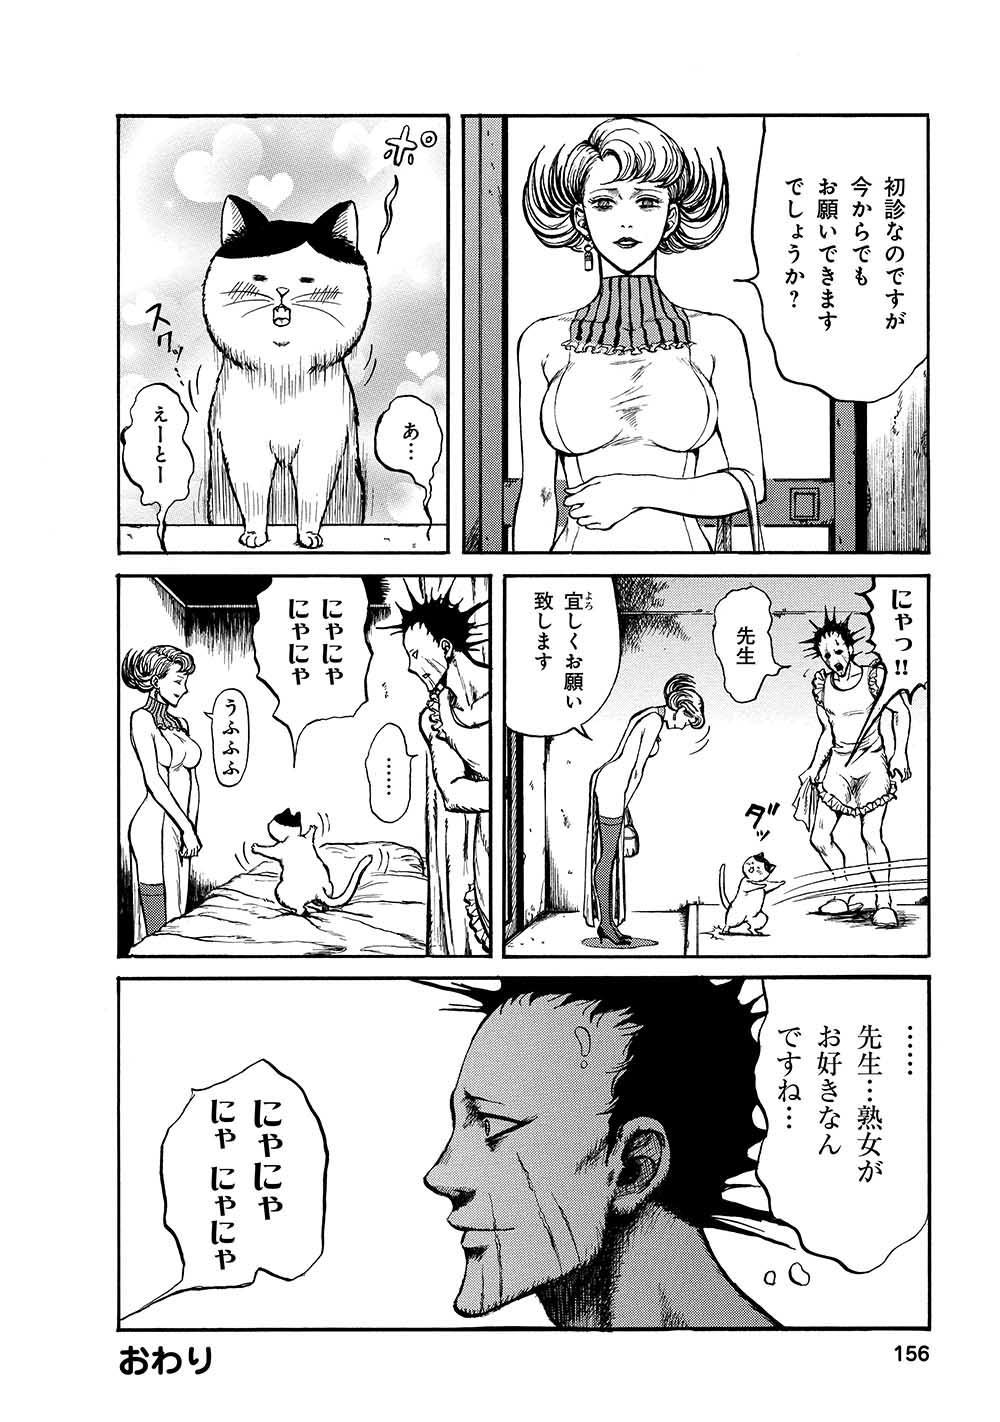 未知庵1_156.jpg